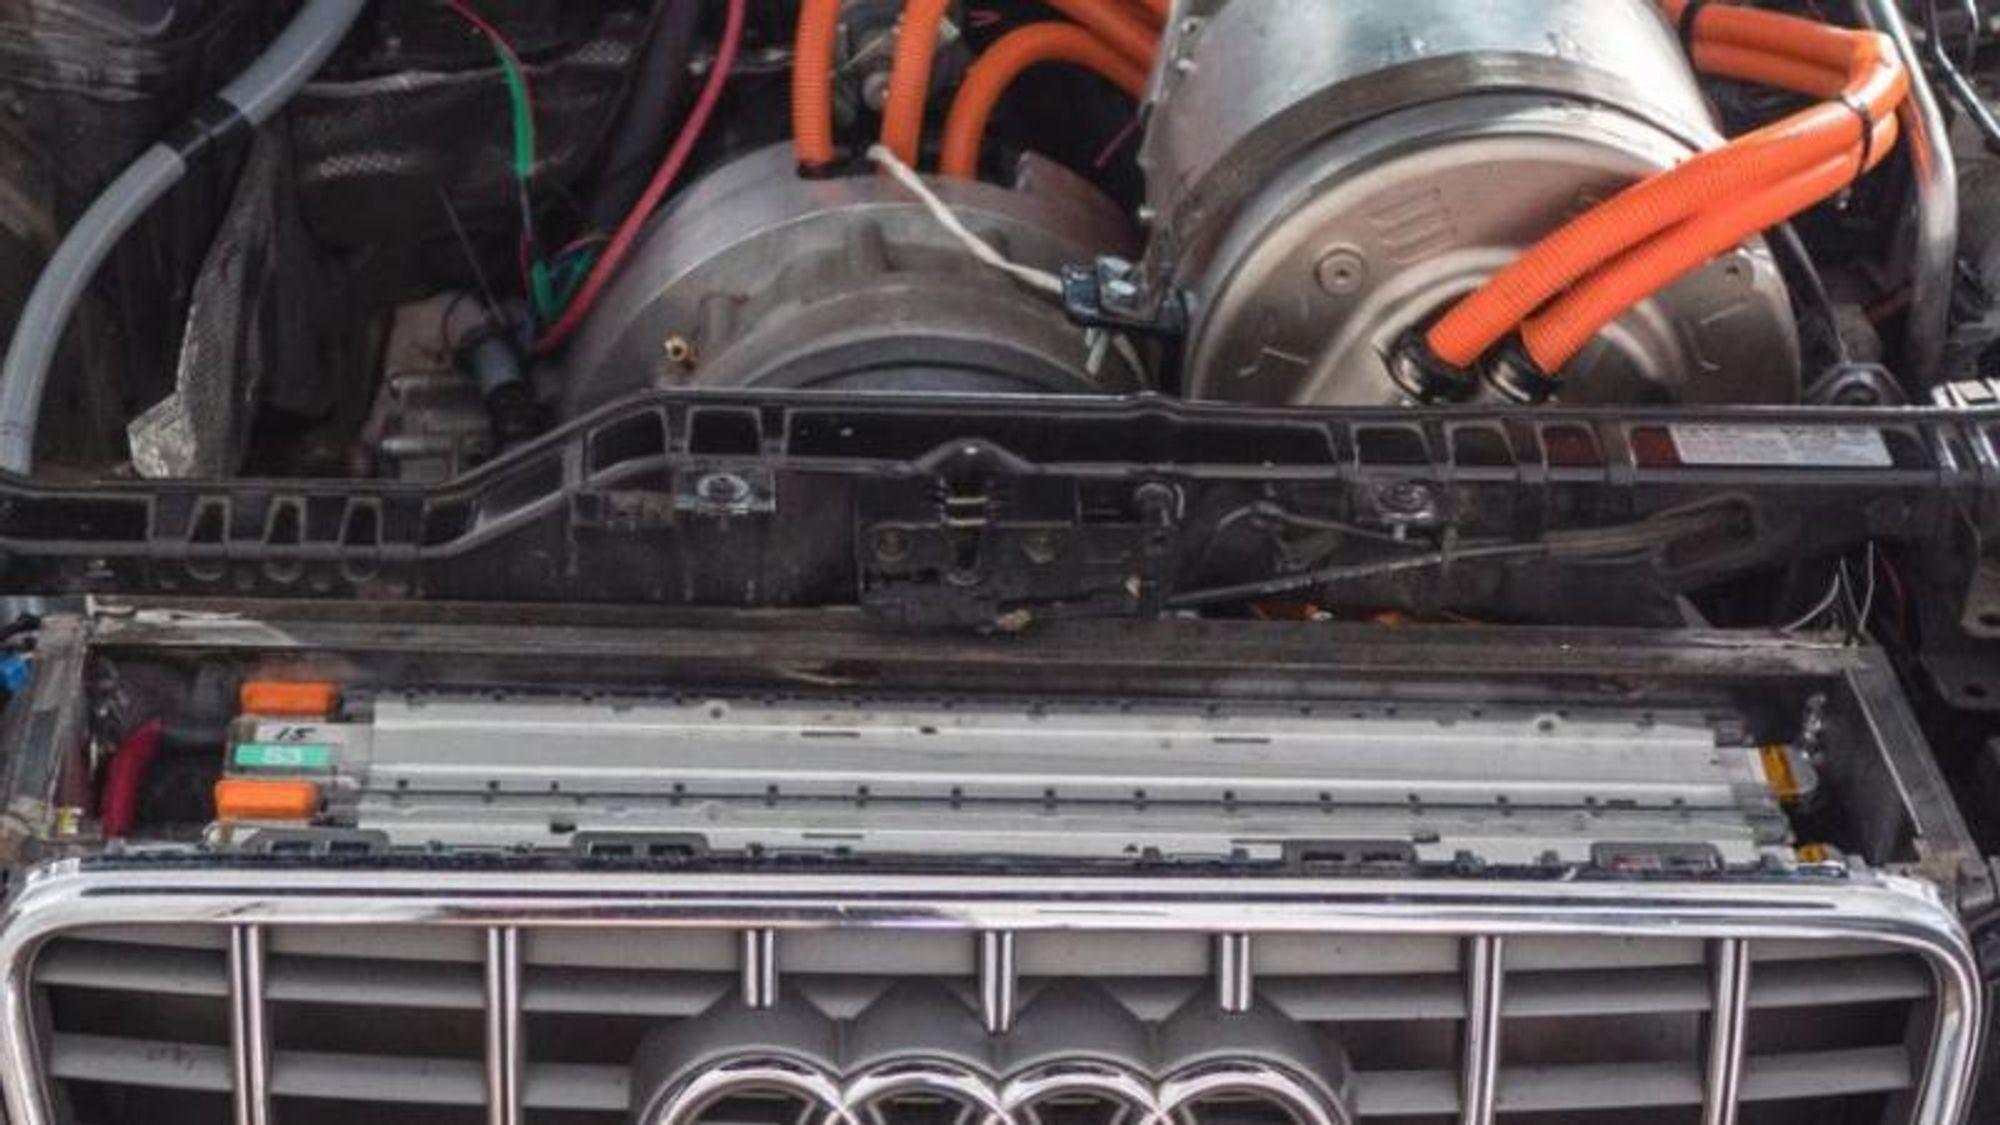 En Audi med alternativ strømdrevet innmat, montert av Elbil-patrioten Samuel Polyak.